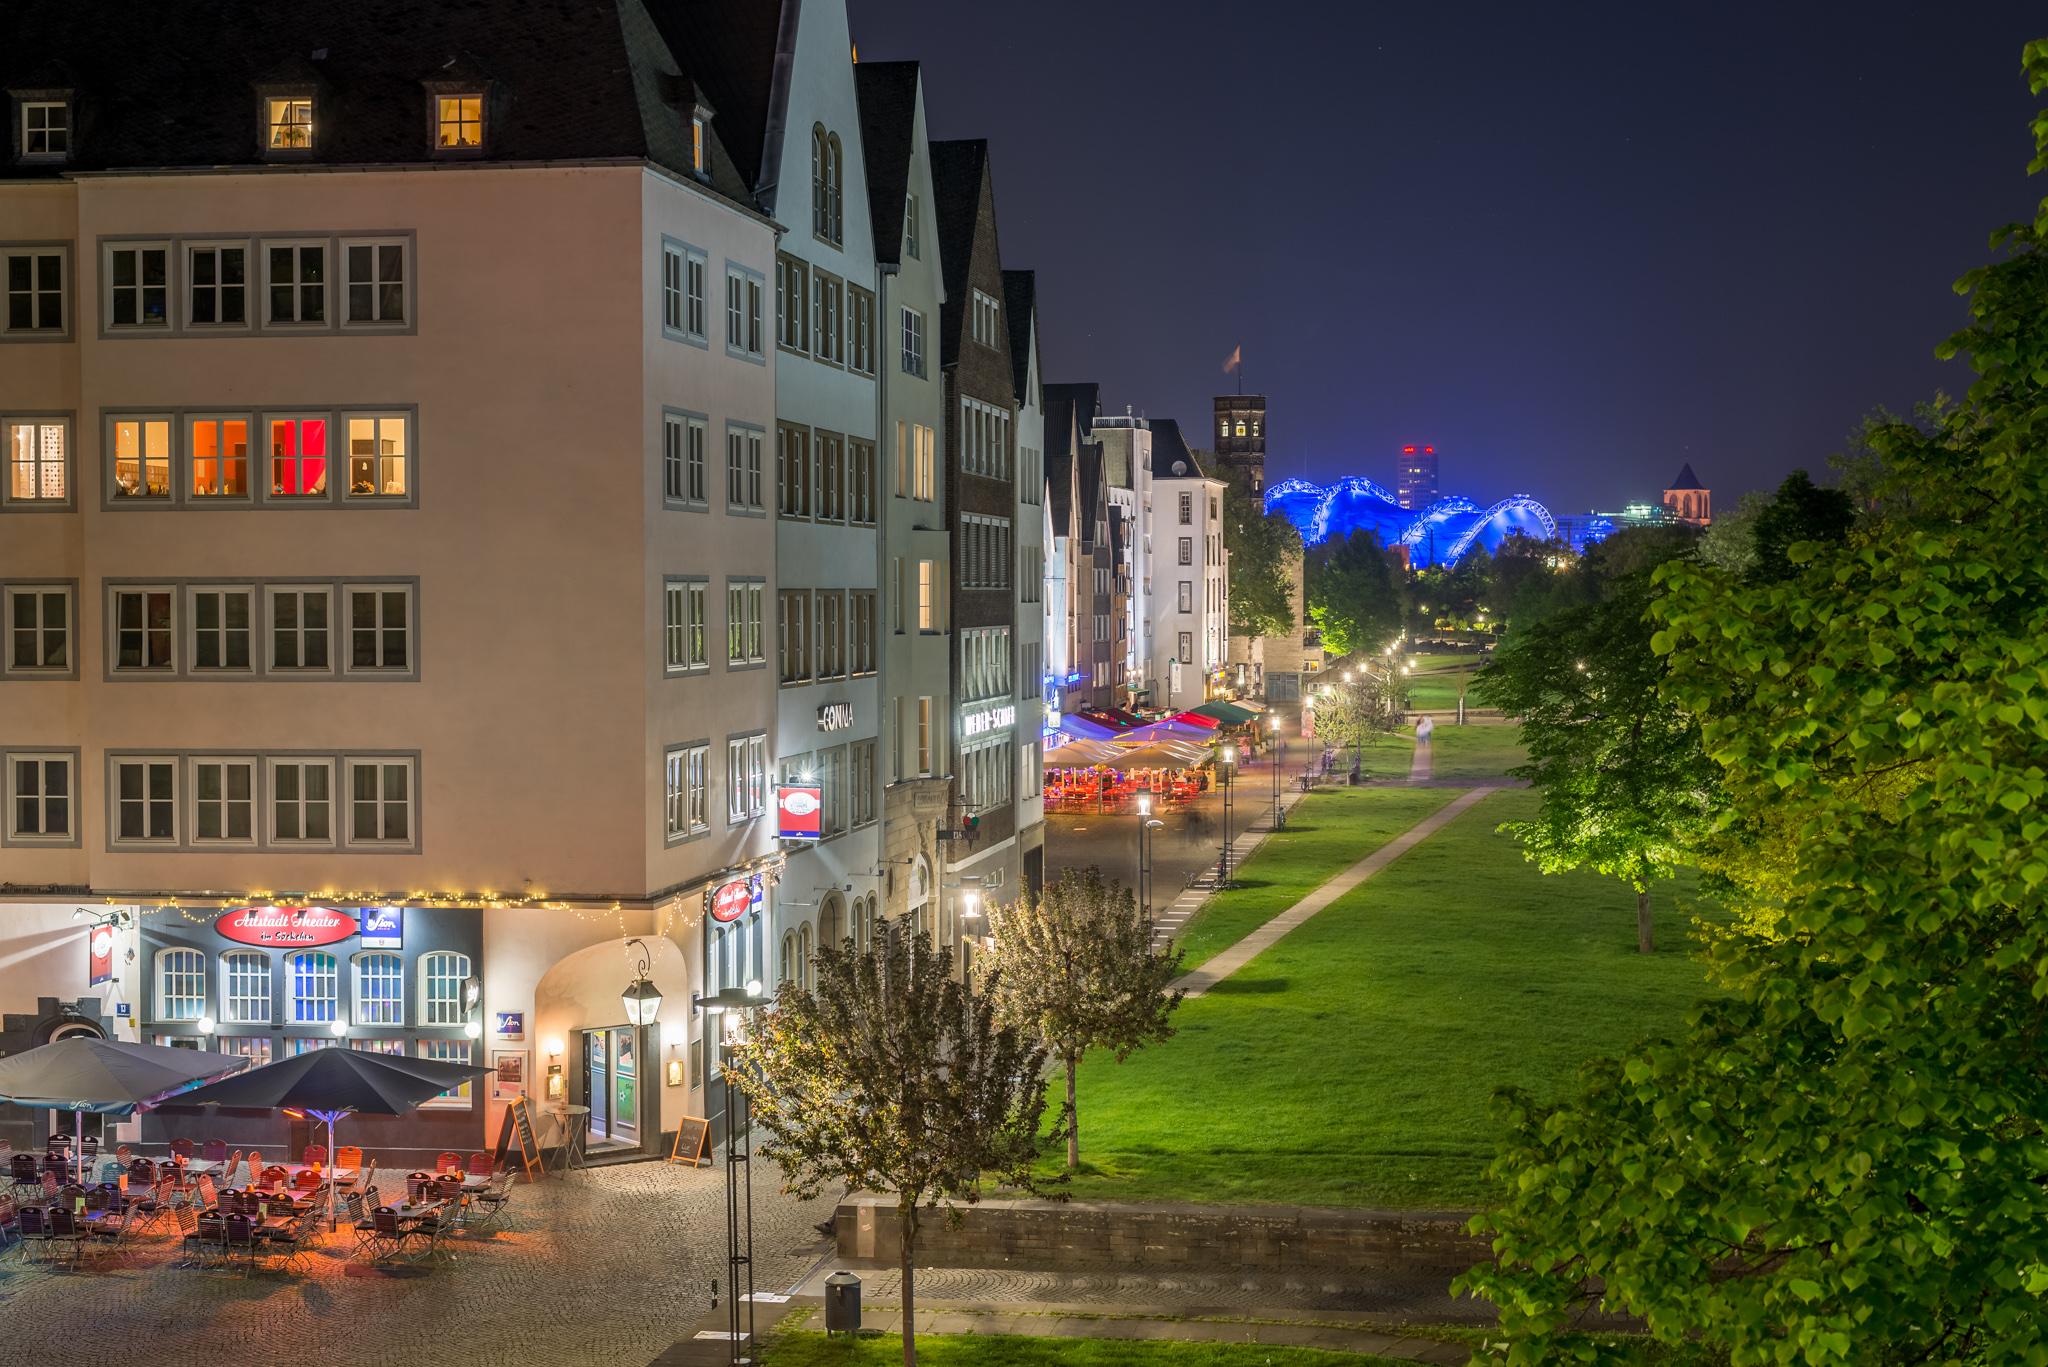 Blick auf die Altstadt und einer Kneipe auf der Ecke